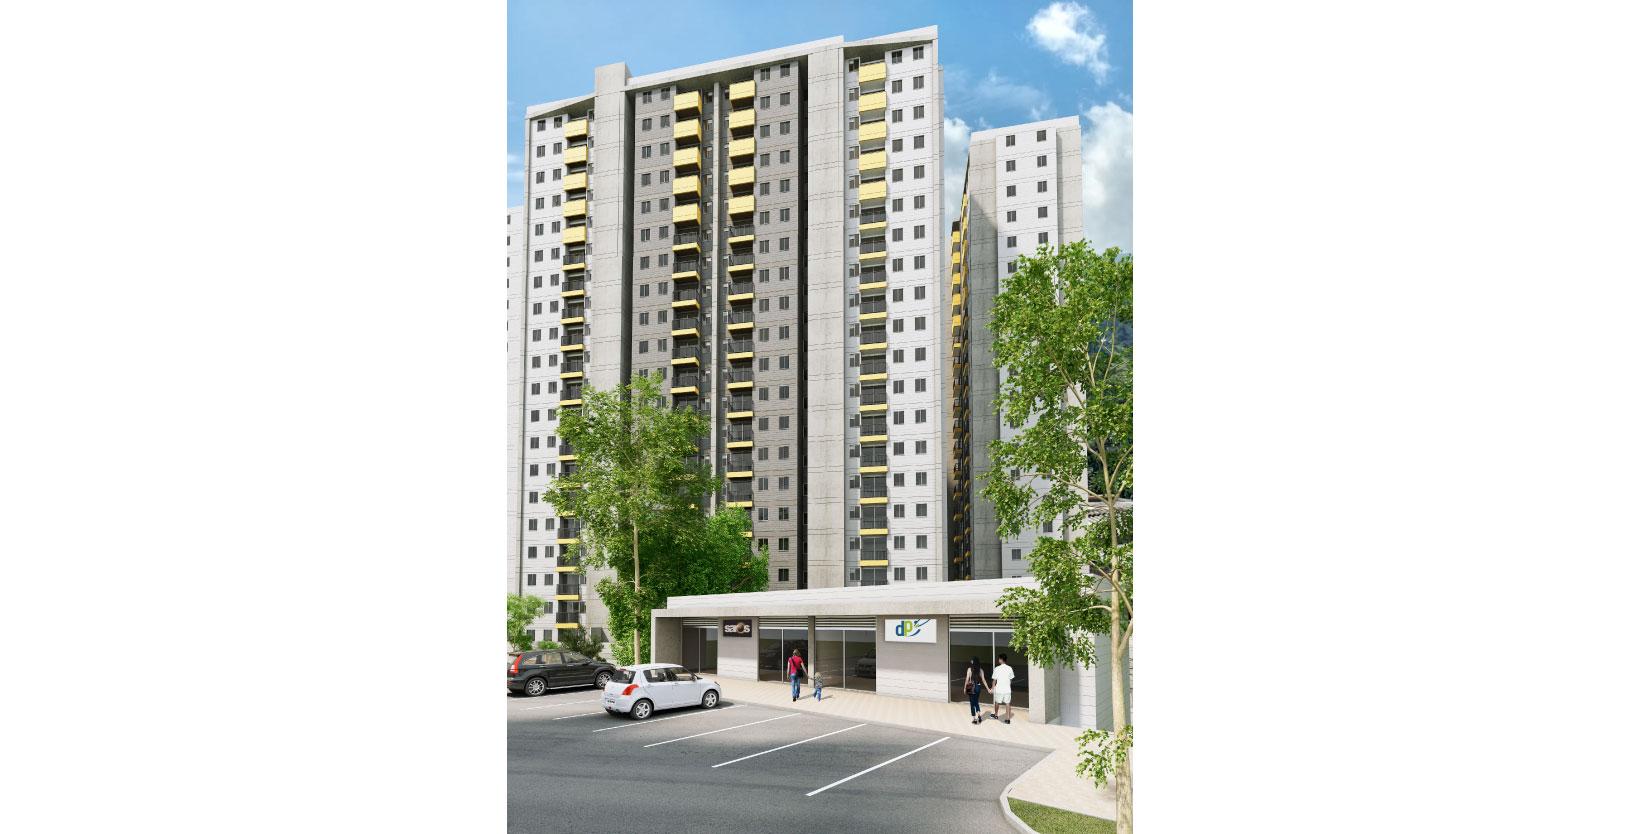 1_apartamentos_sierra_morena_edificio_fachada